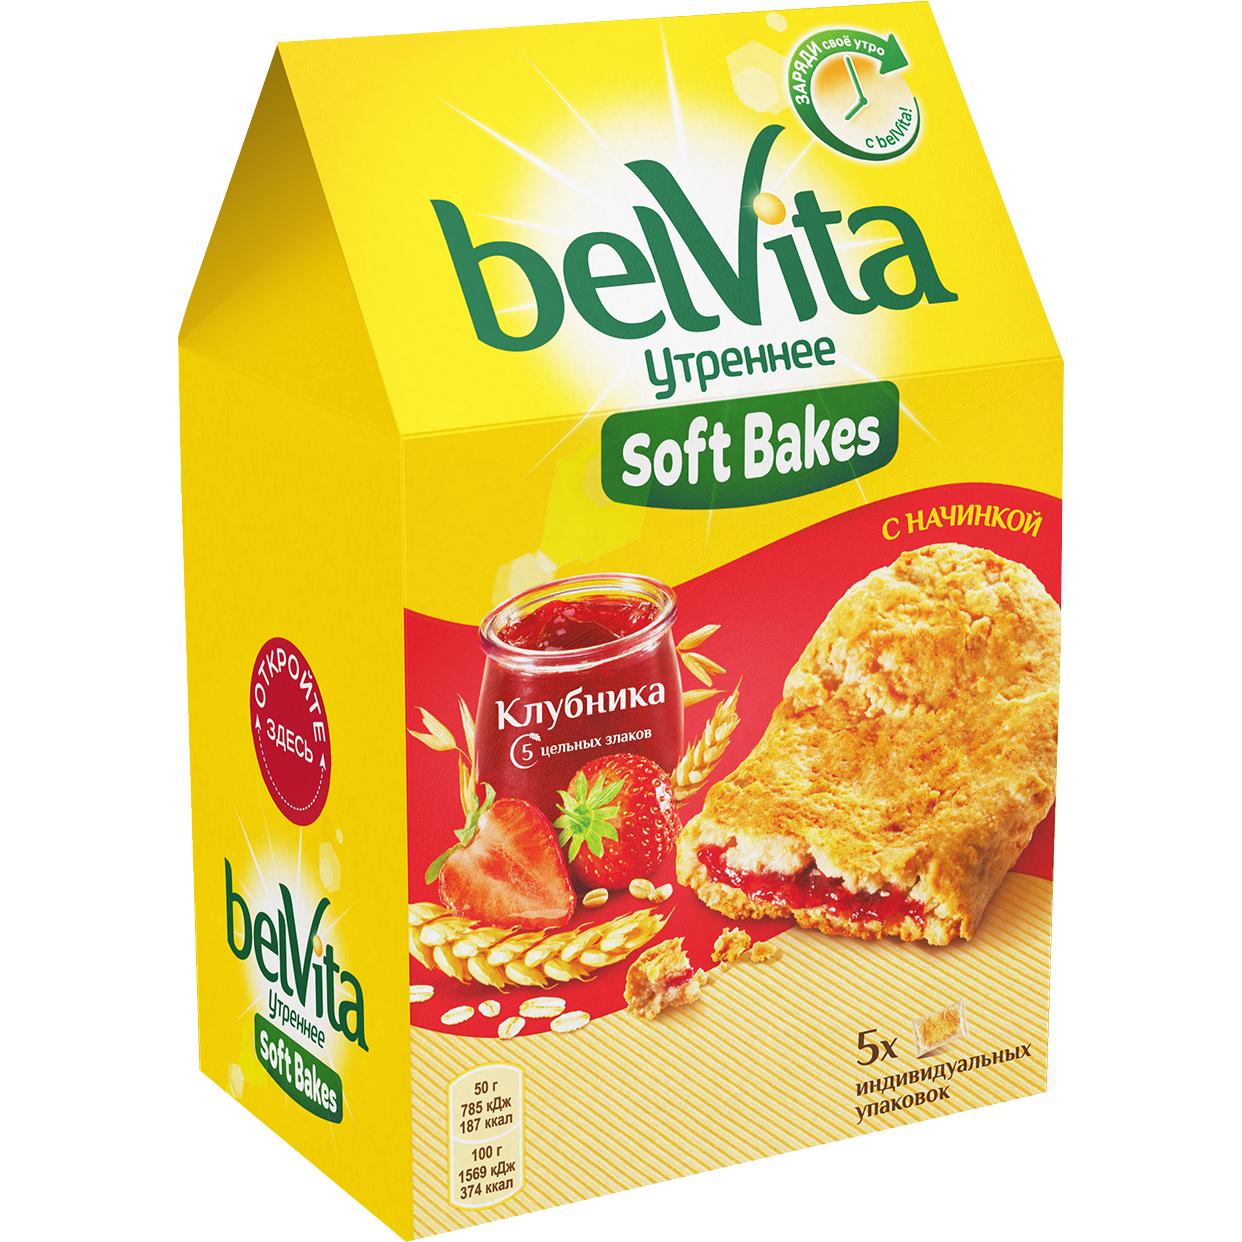 Печенье  Belvita  утреннее софт бэйкс с цельнозерновыми злаками и с клубничной начинкой 250гр.